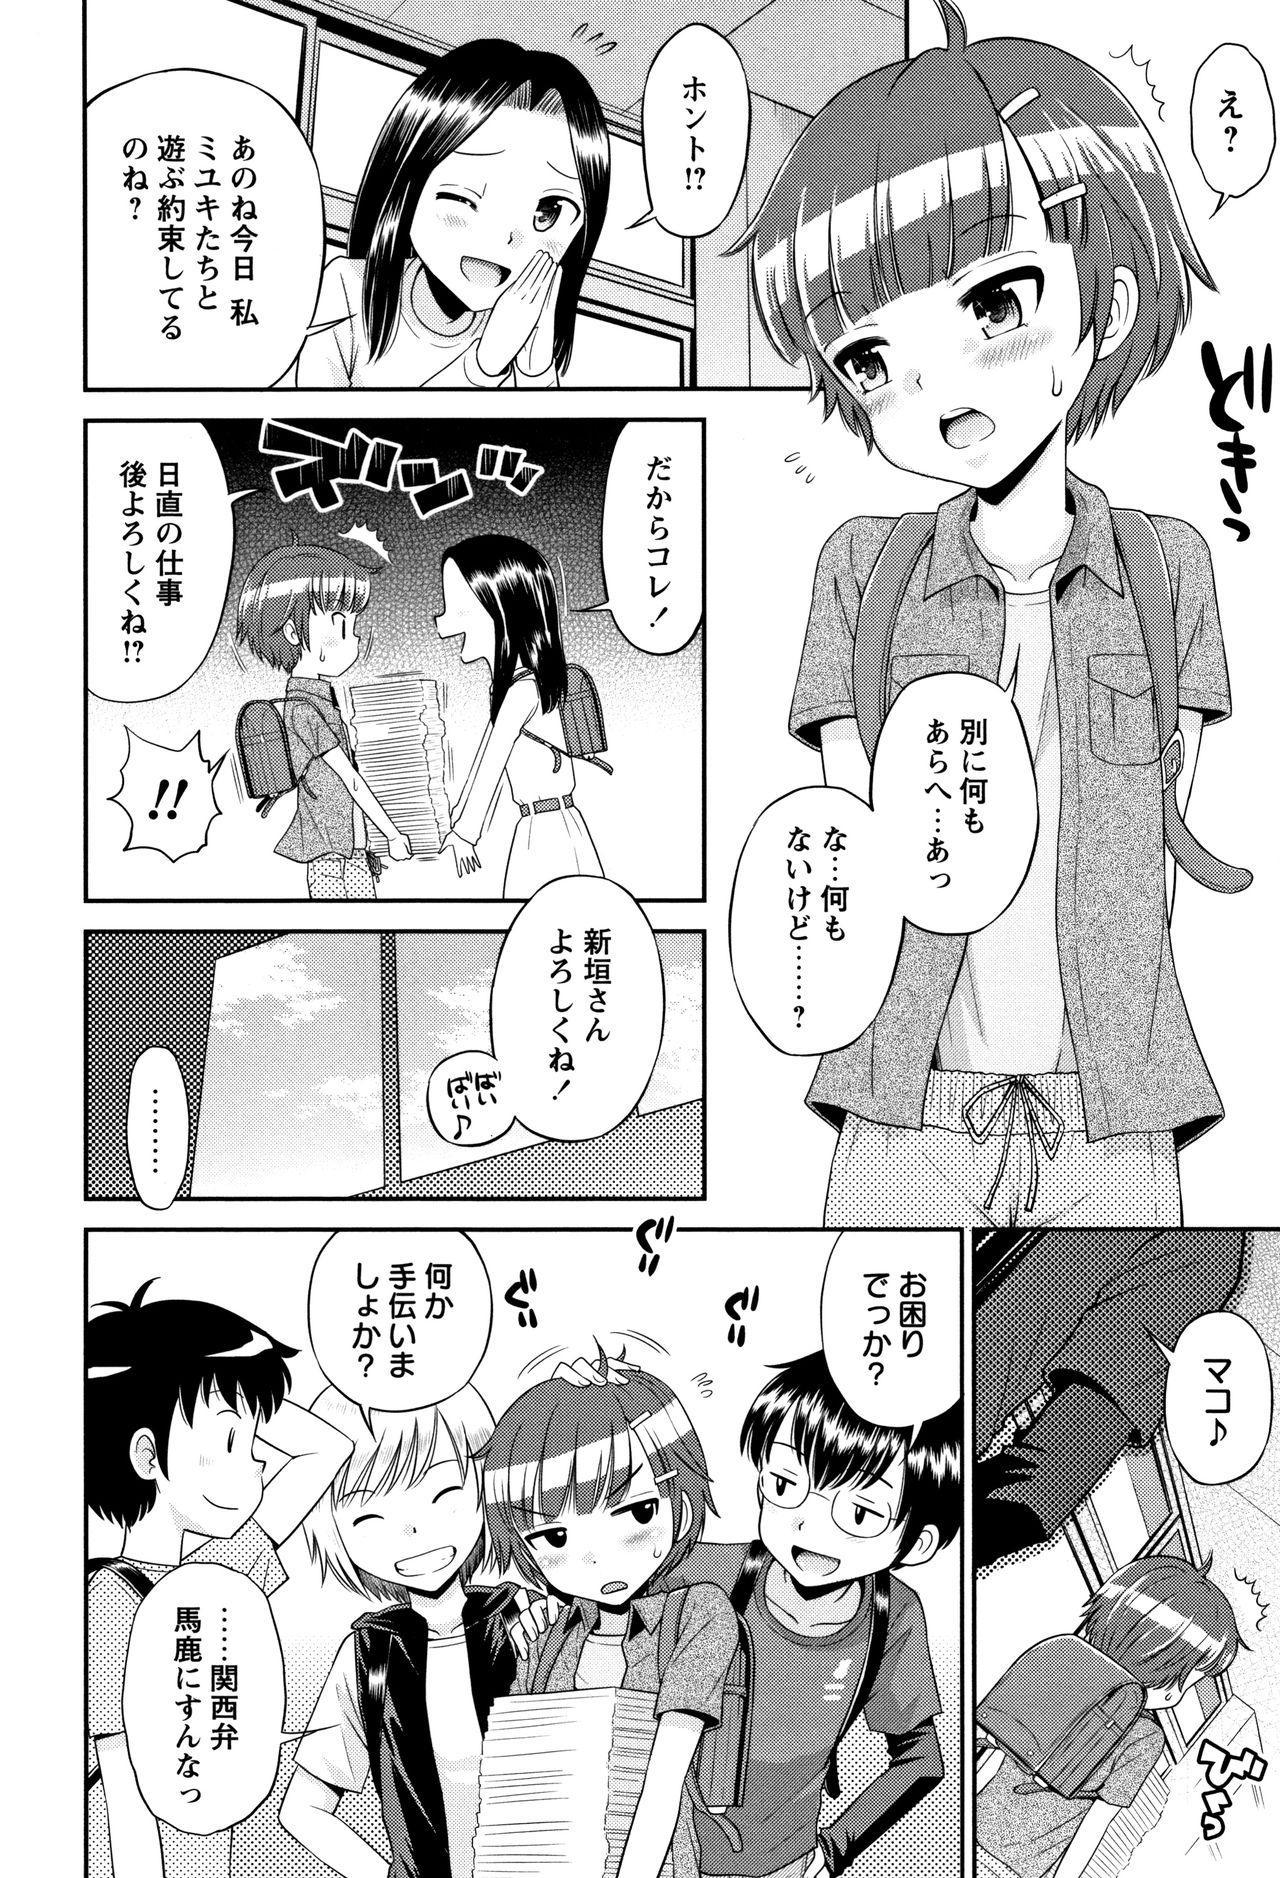 Mako to Himitsu no Houkago 22